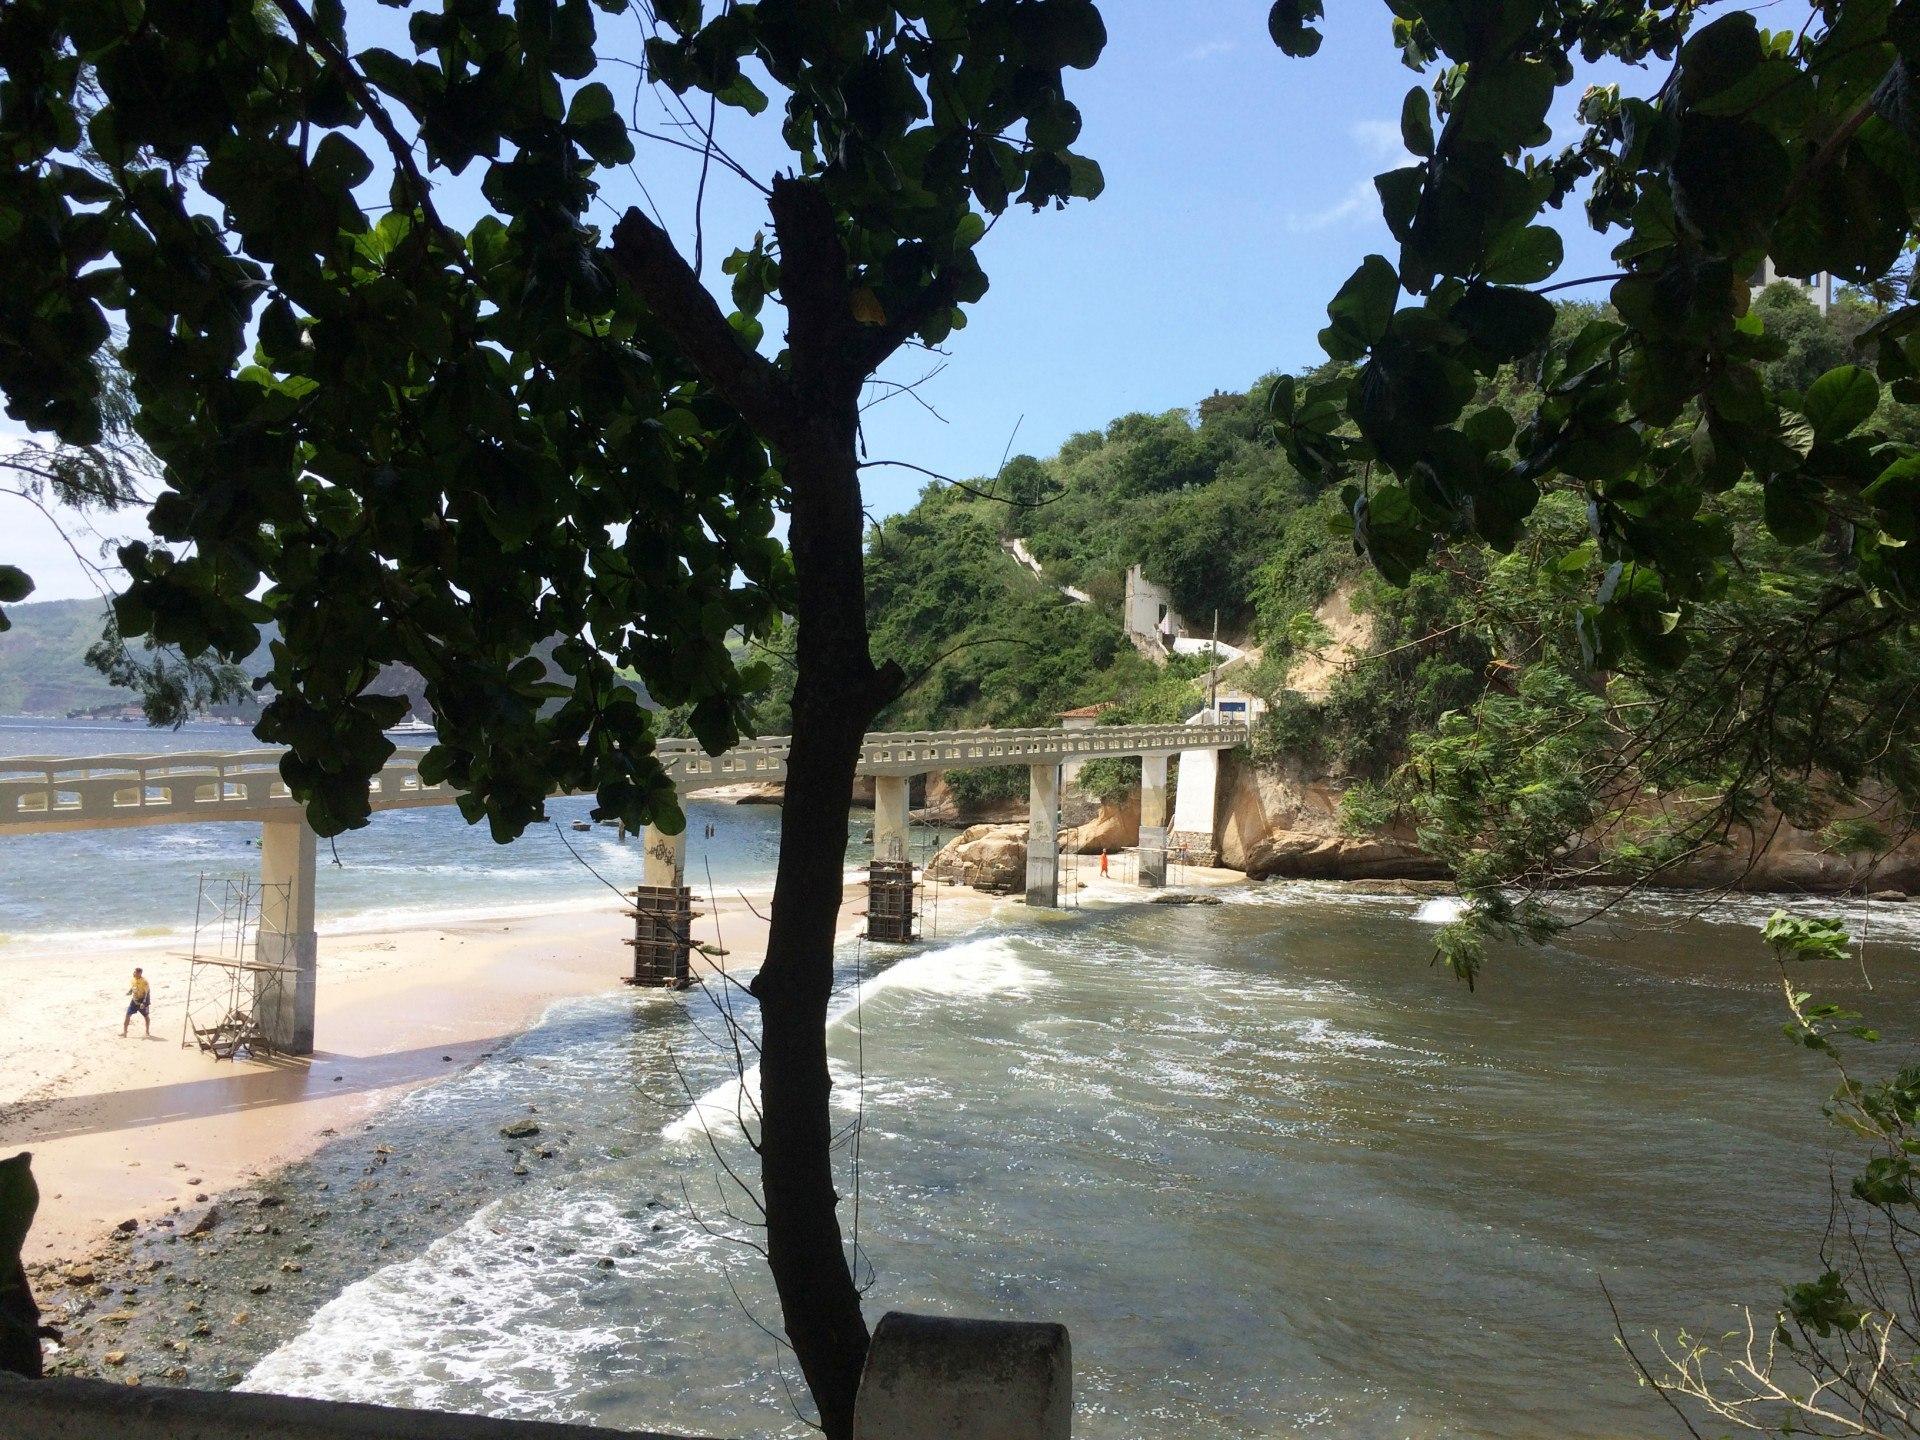 praia-da-boa-viagem-ponte-da-igrejinha